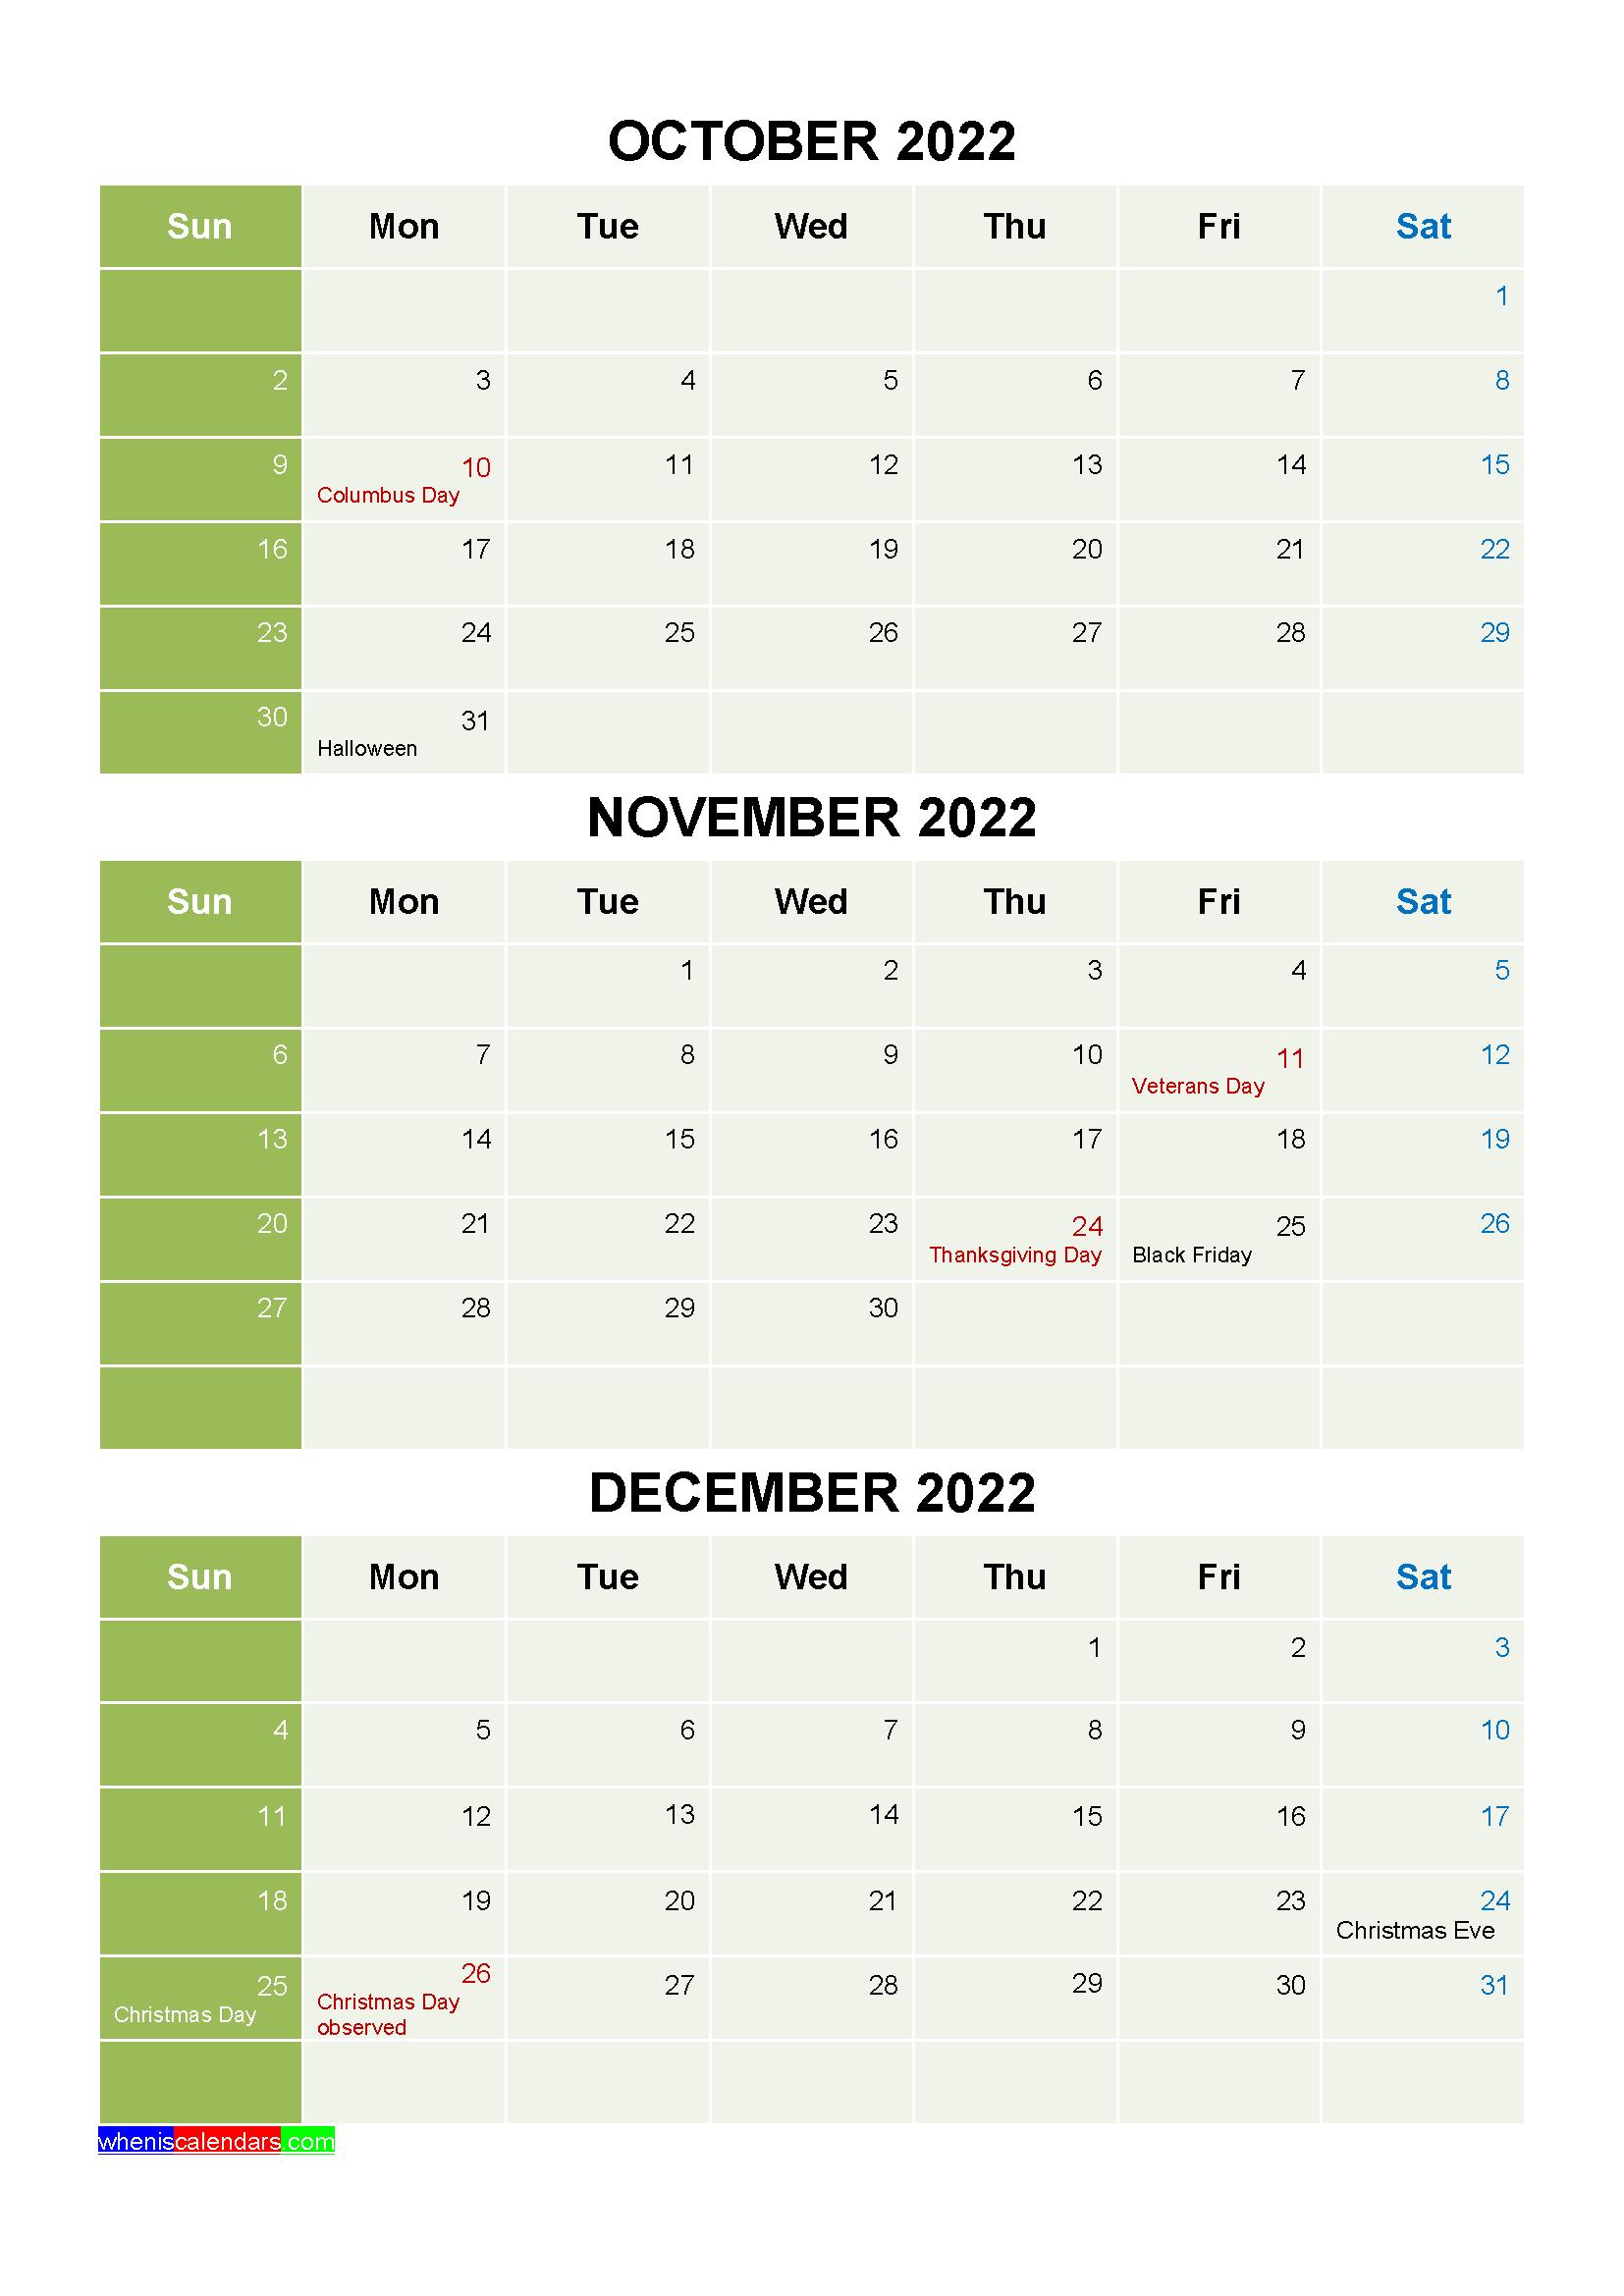 Lunar Calendar October 2022.Free Calendar October November December 2022 With Holidays Four Quarters Calendar Template Free Printable Calendar Calendar Printables